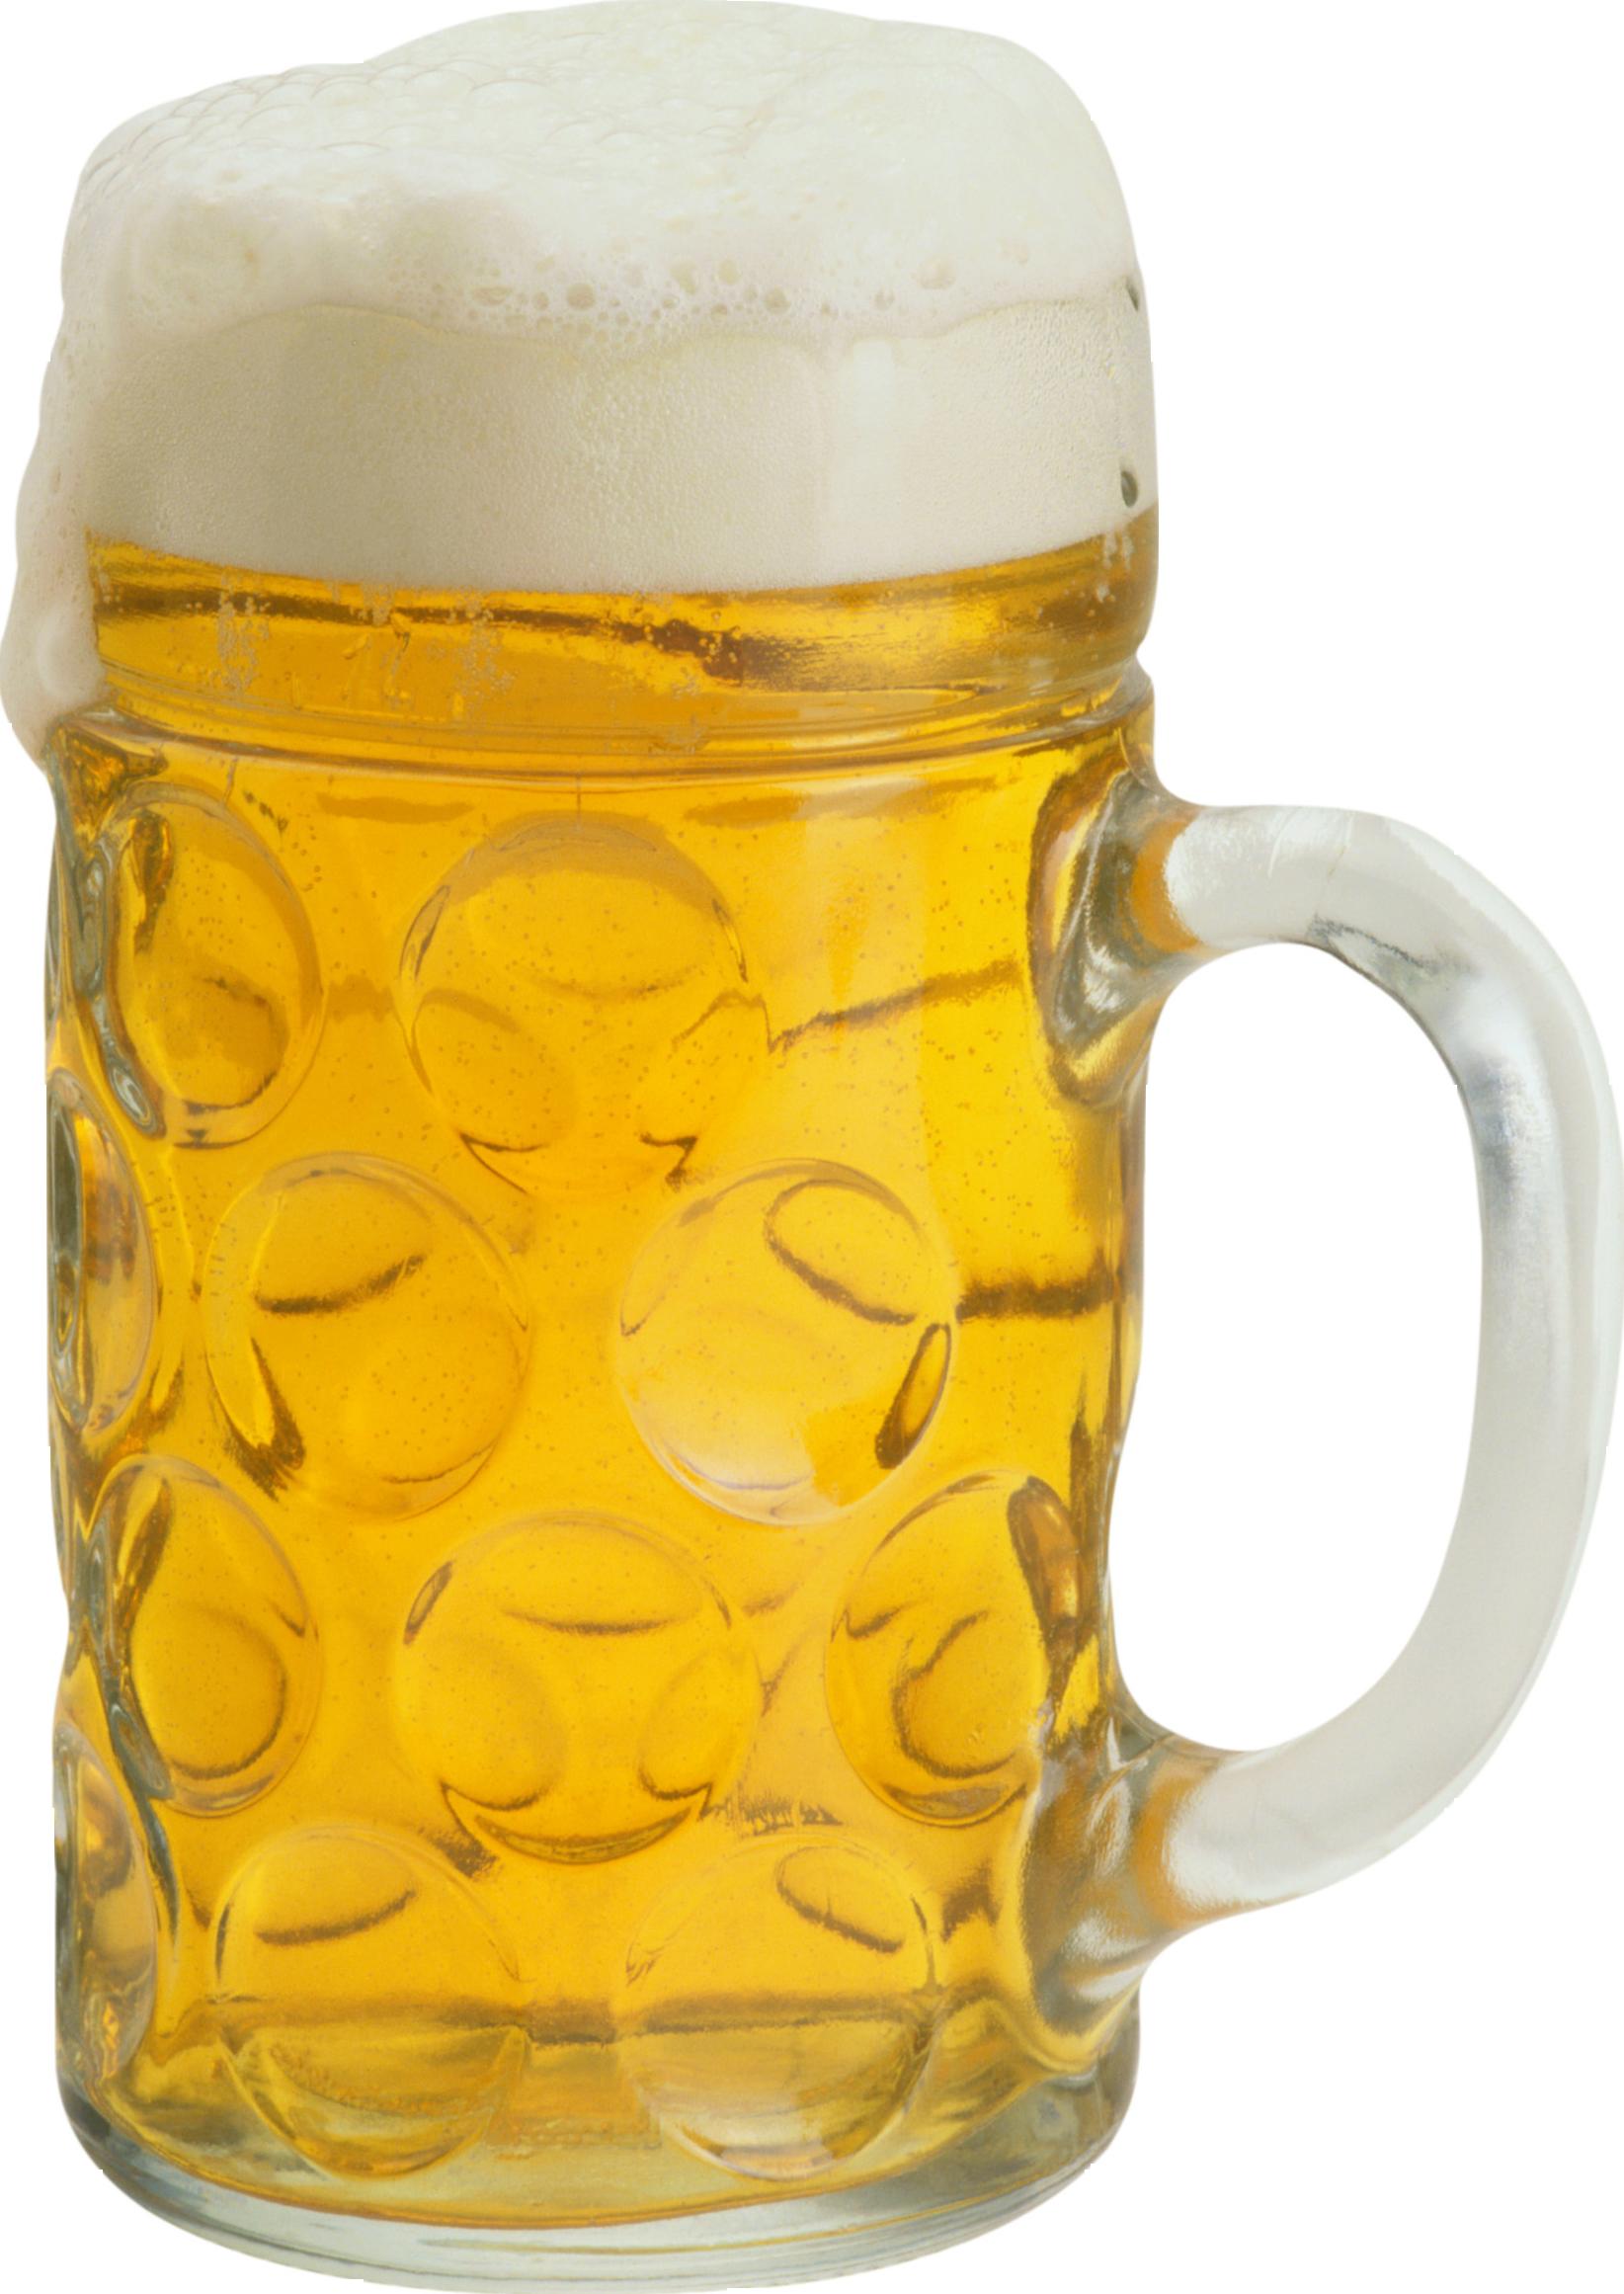 Пиво кружка PNG фото